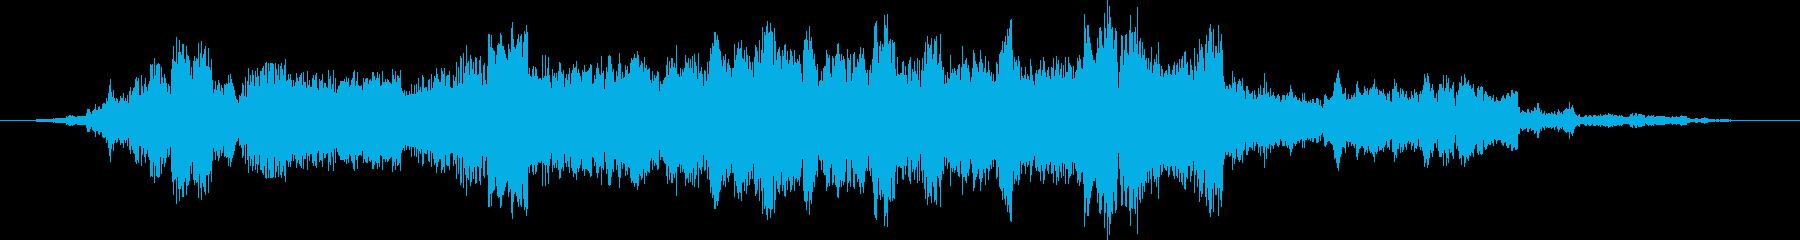 コンスタントトーンスイープエイリア...の再生済みの波形